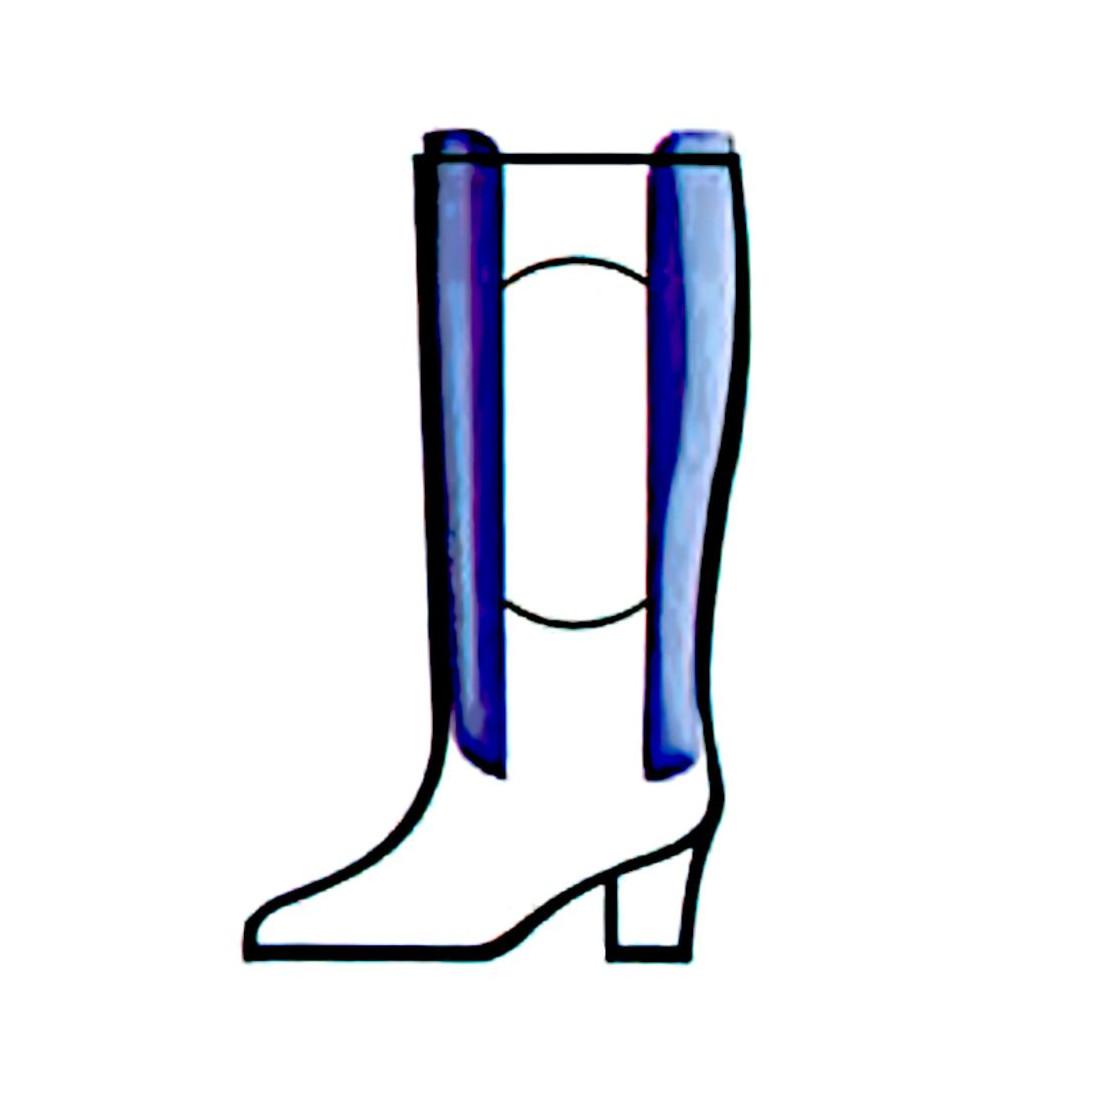 cura scarpe woman sangiorgio 740412000 tendistivale 8005